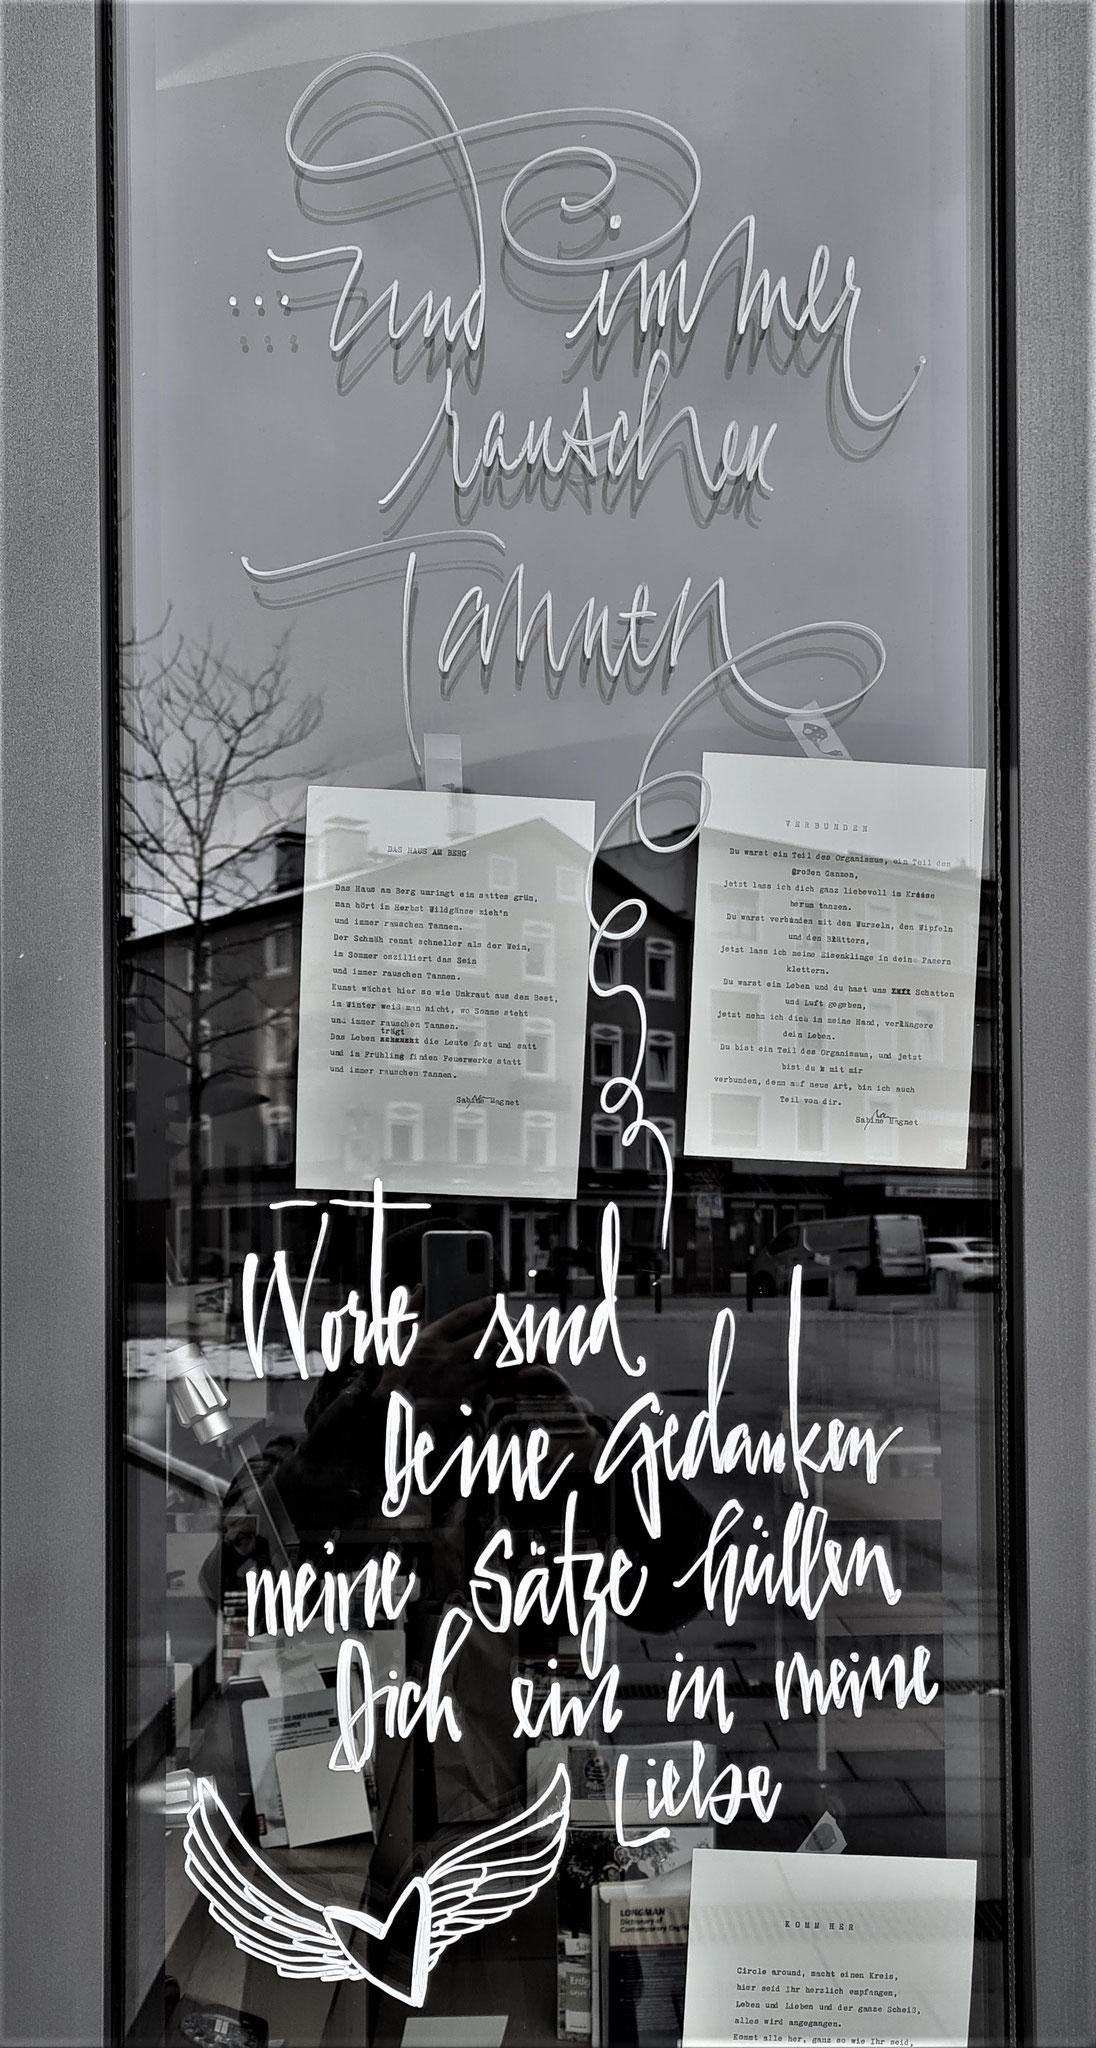 SchaufensterCalligraphy zu Poetry to go von Sabine Magnet